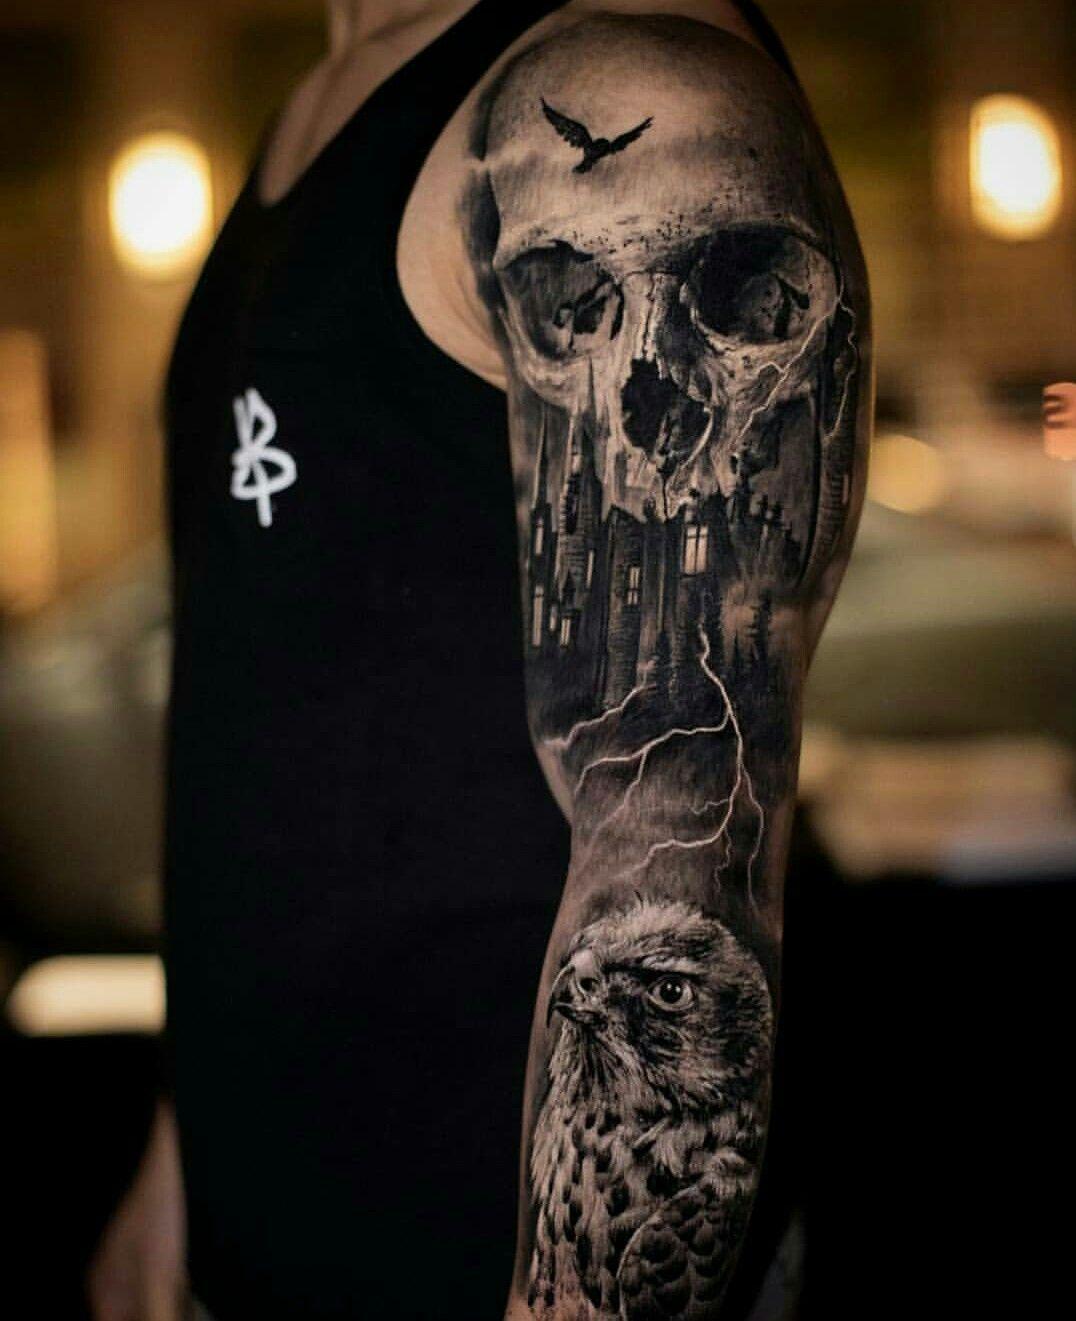 Amazing Tattoos Sleeve Tattoos Skull Sleeve Tattoos Tattoos